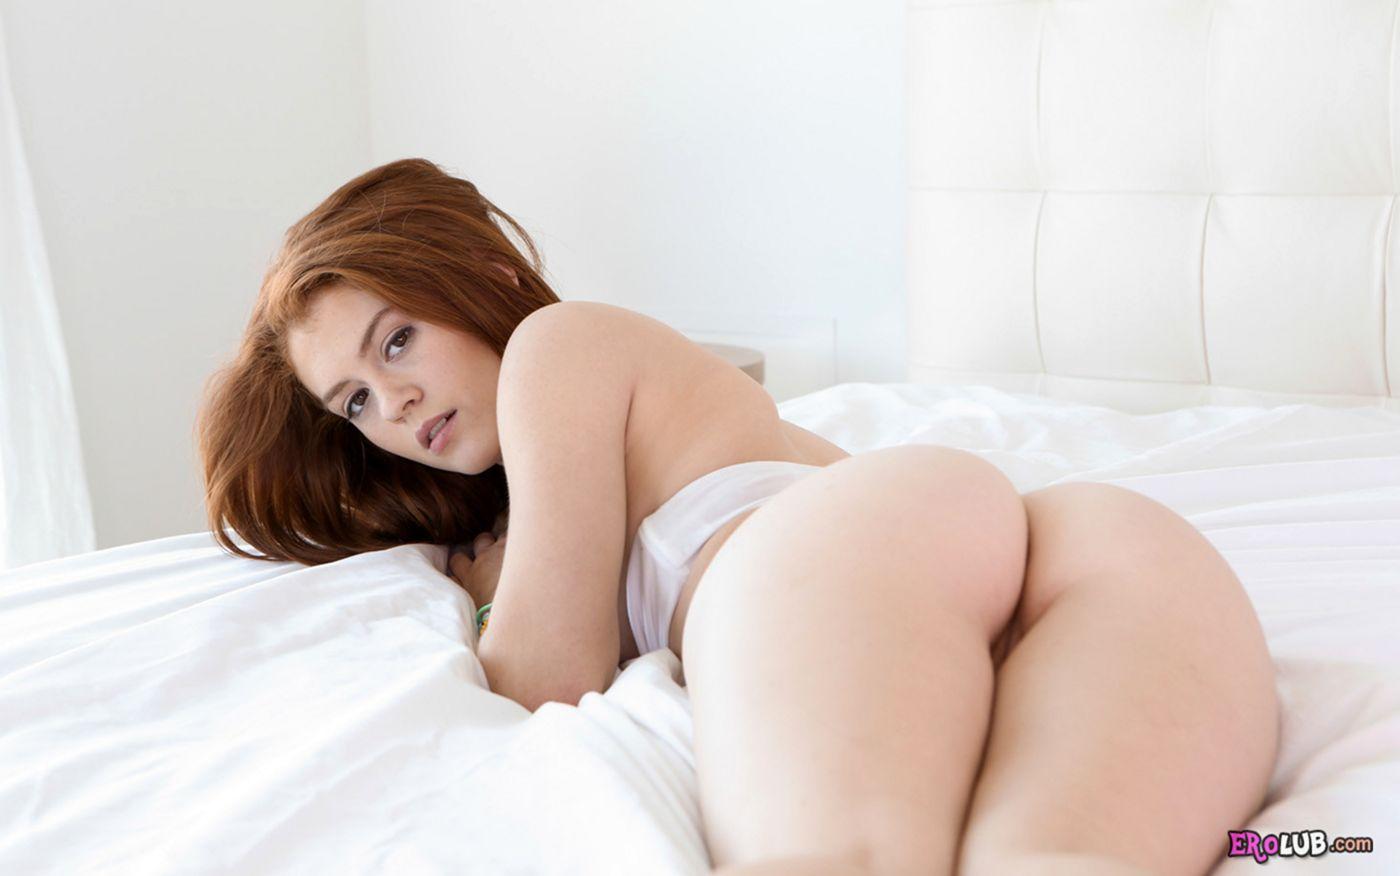 Порно видео с молоденькими 18 летними девушками смотреть ...